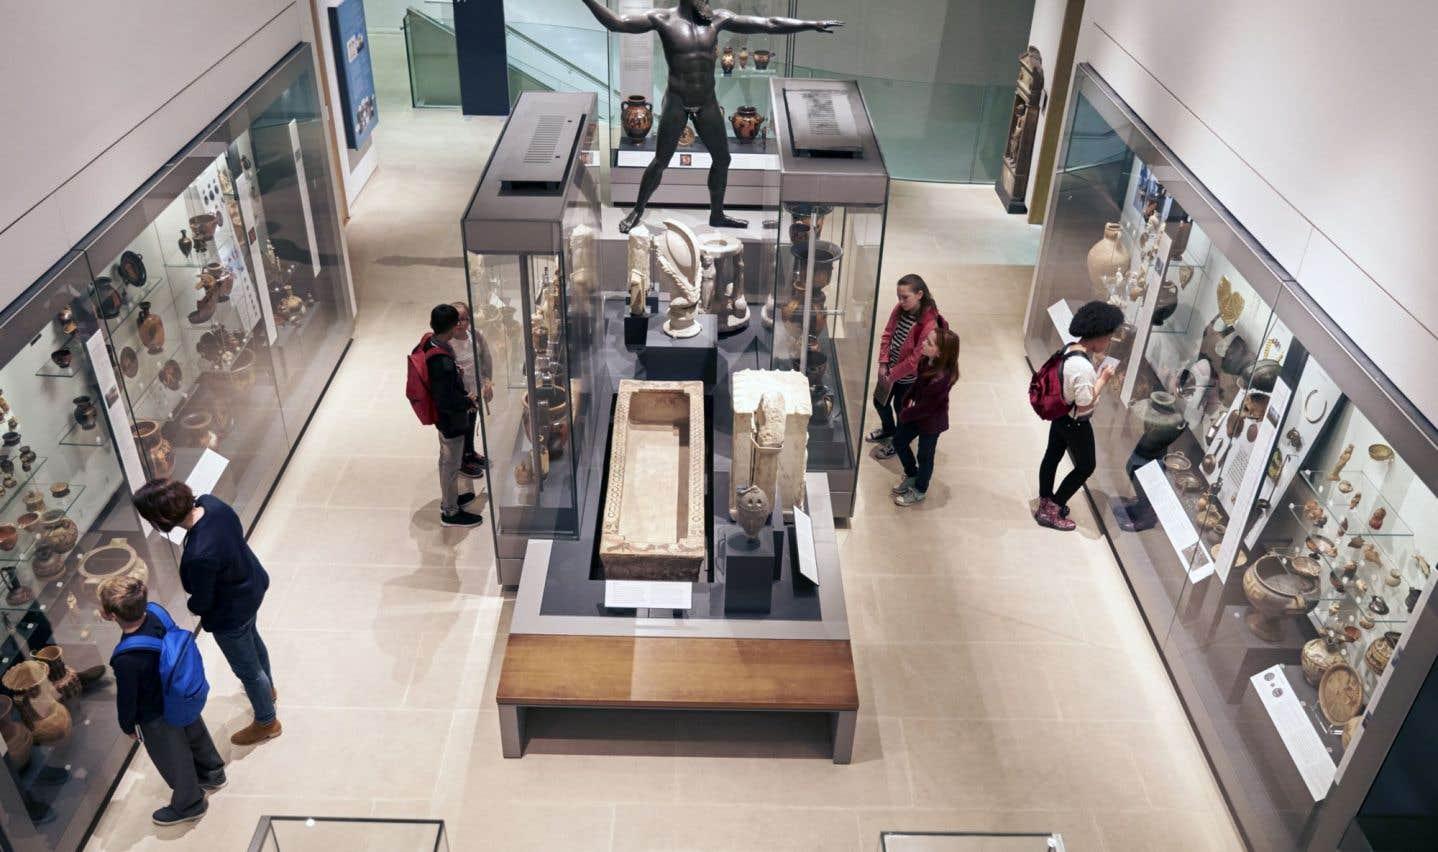 Les musées du Québec attendent déjà depuis dix ans une bonification des enveloppes liées au fonctionnement, selon Stéphane Chagnon, directeur général de la Société des musées du Québec.